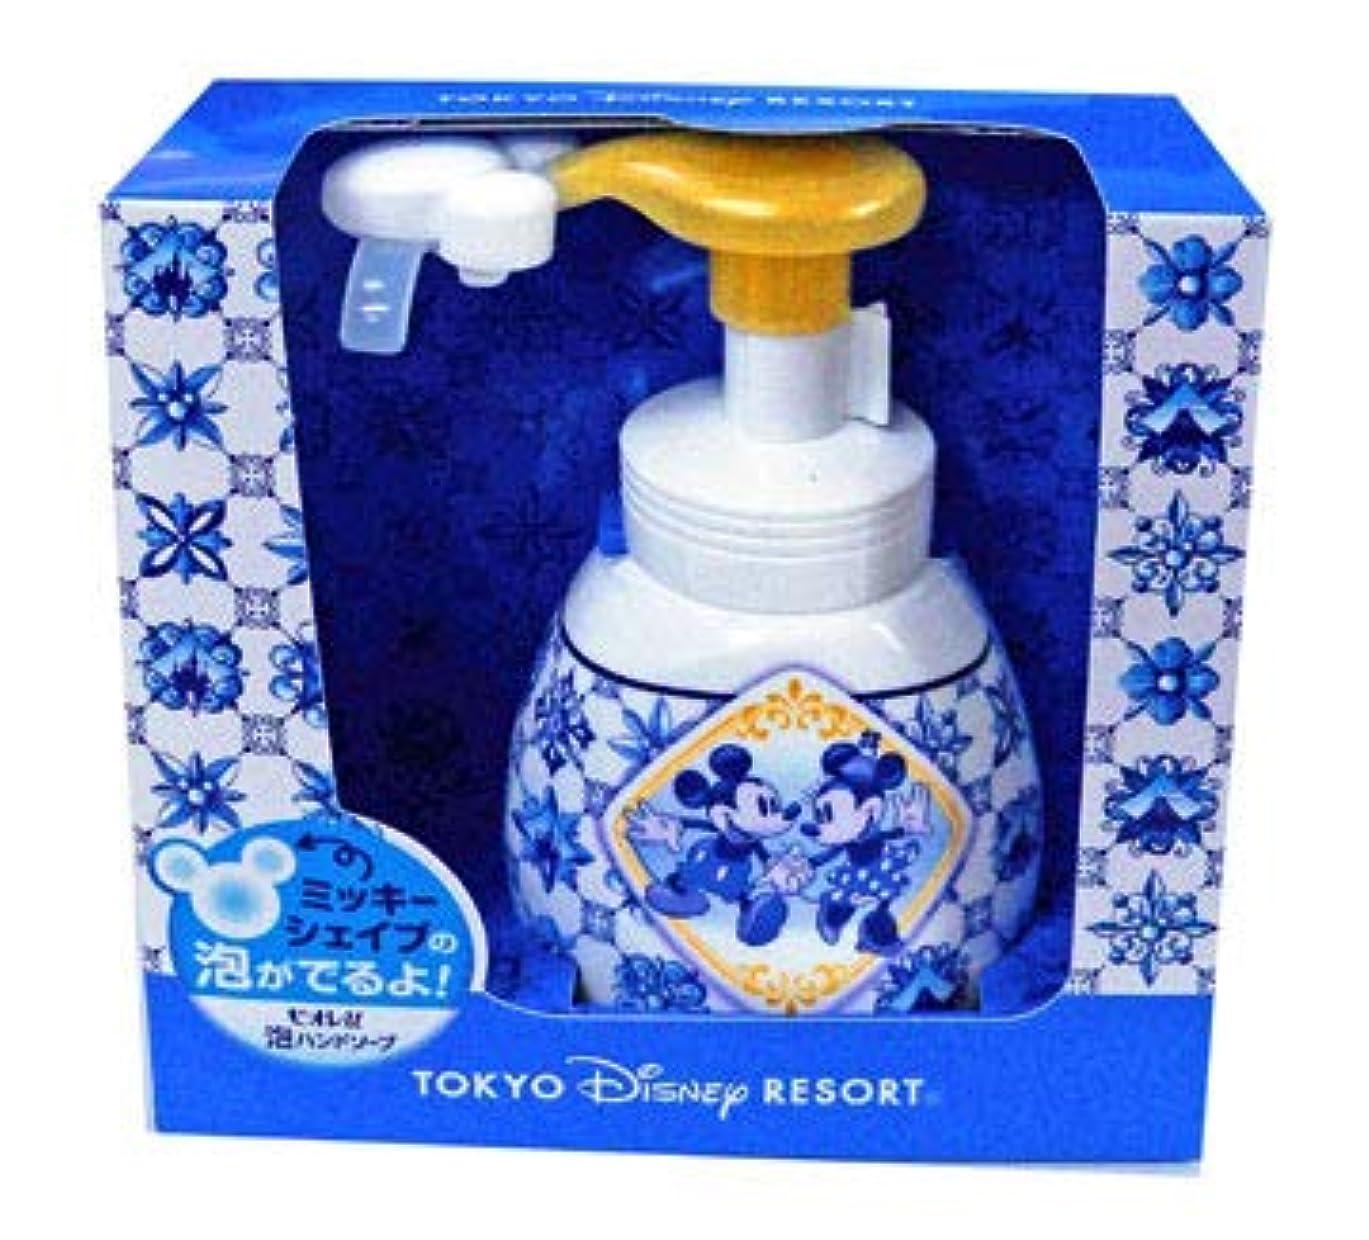 マトロン蚊前置詞泡ハンドソープ(新デザイン) 東京ディズニーリゾート ミッキーとミニー柄  おみやげ